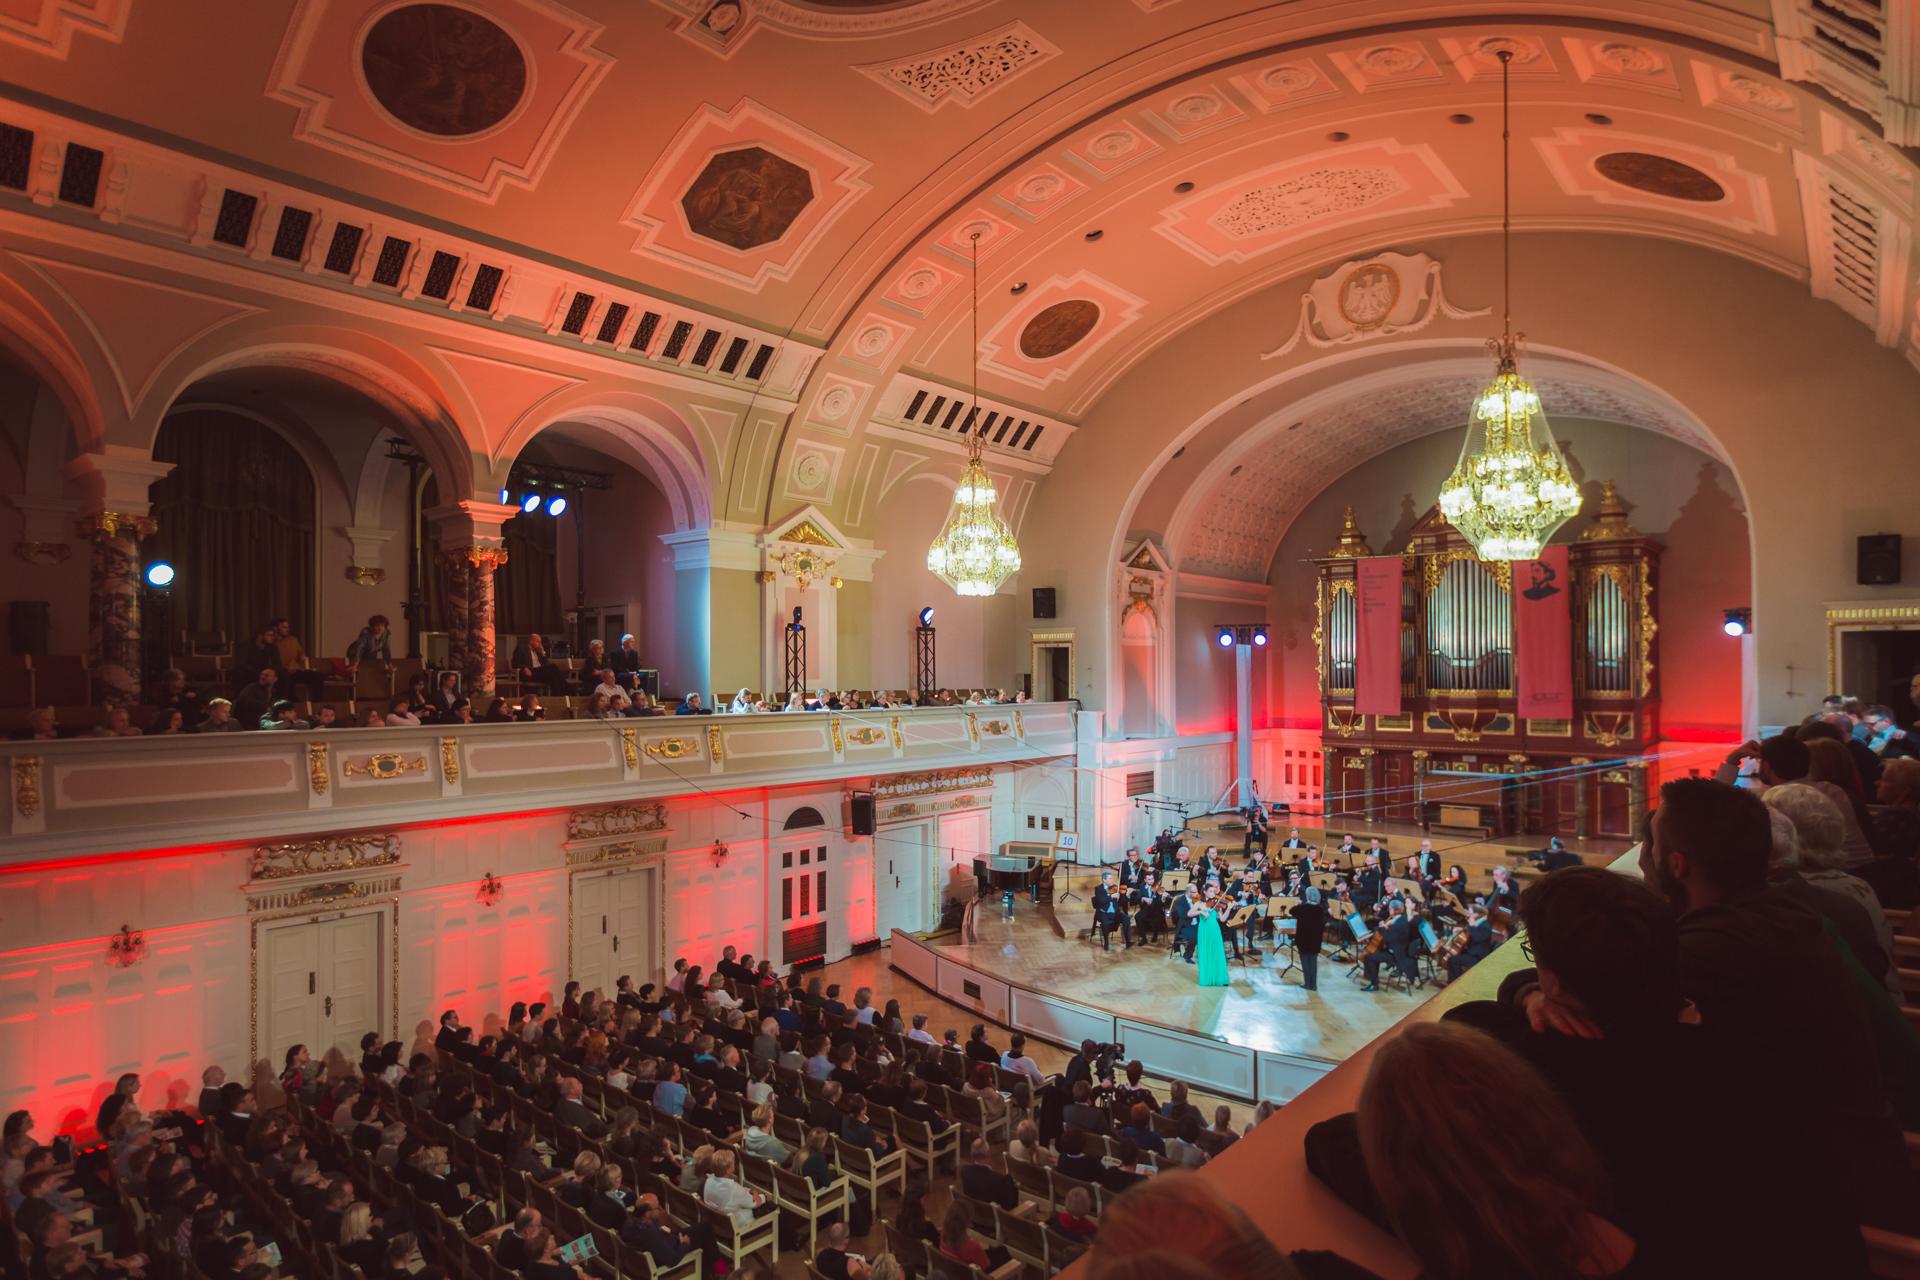 Amalia Hall (Nowa Zelandia) - Etap 3 - 15. Międzynarodowy Konkurs Skrzypcowy im. H. Wieniawskiego BINAURAL   na słuchawki